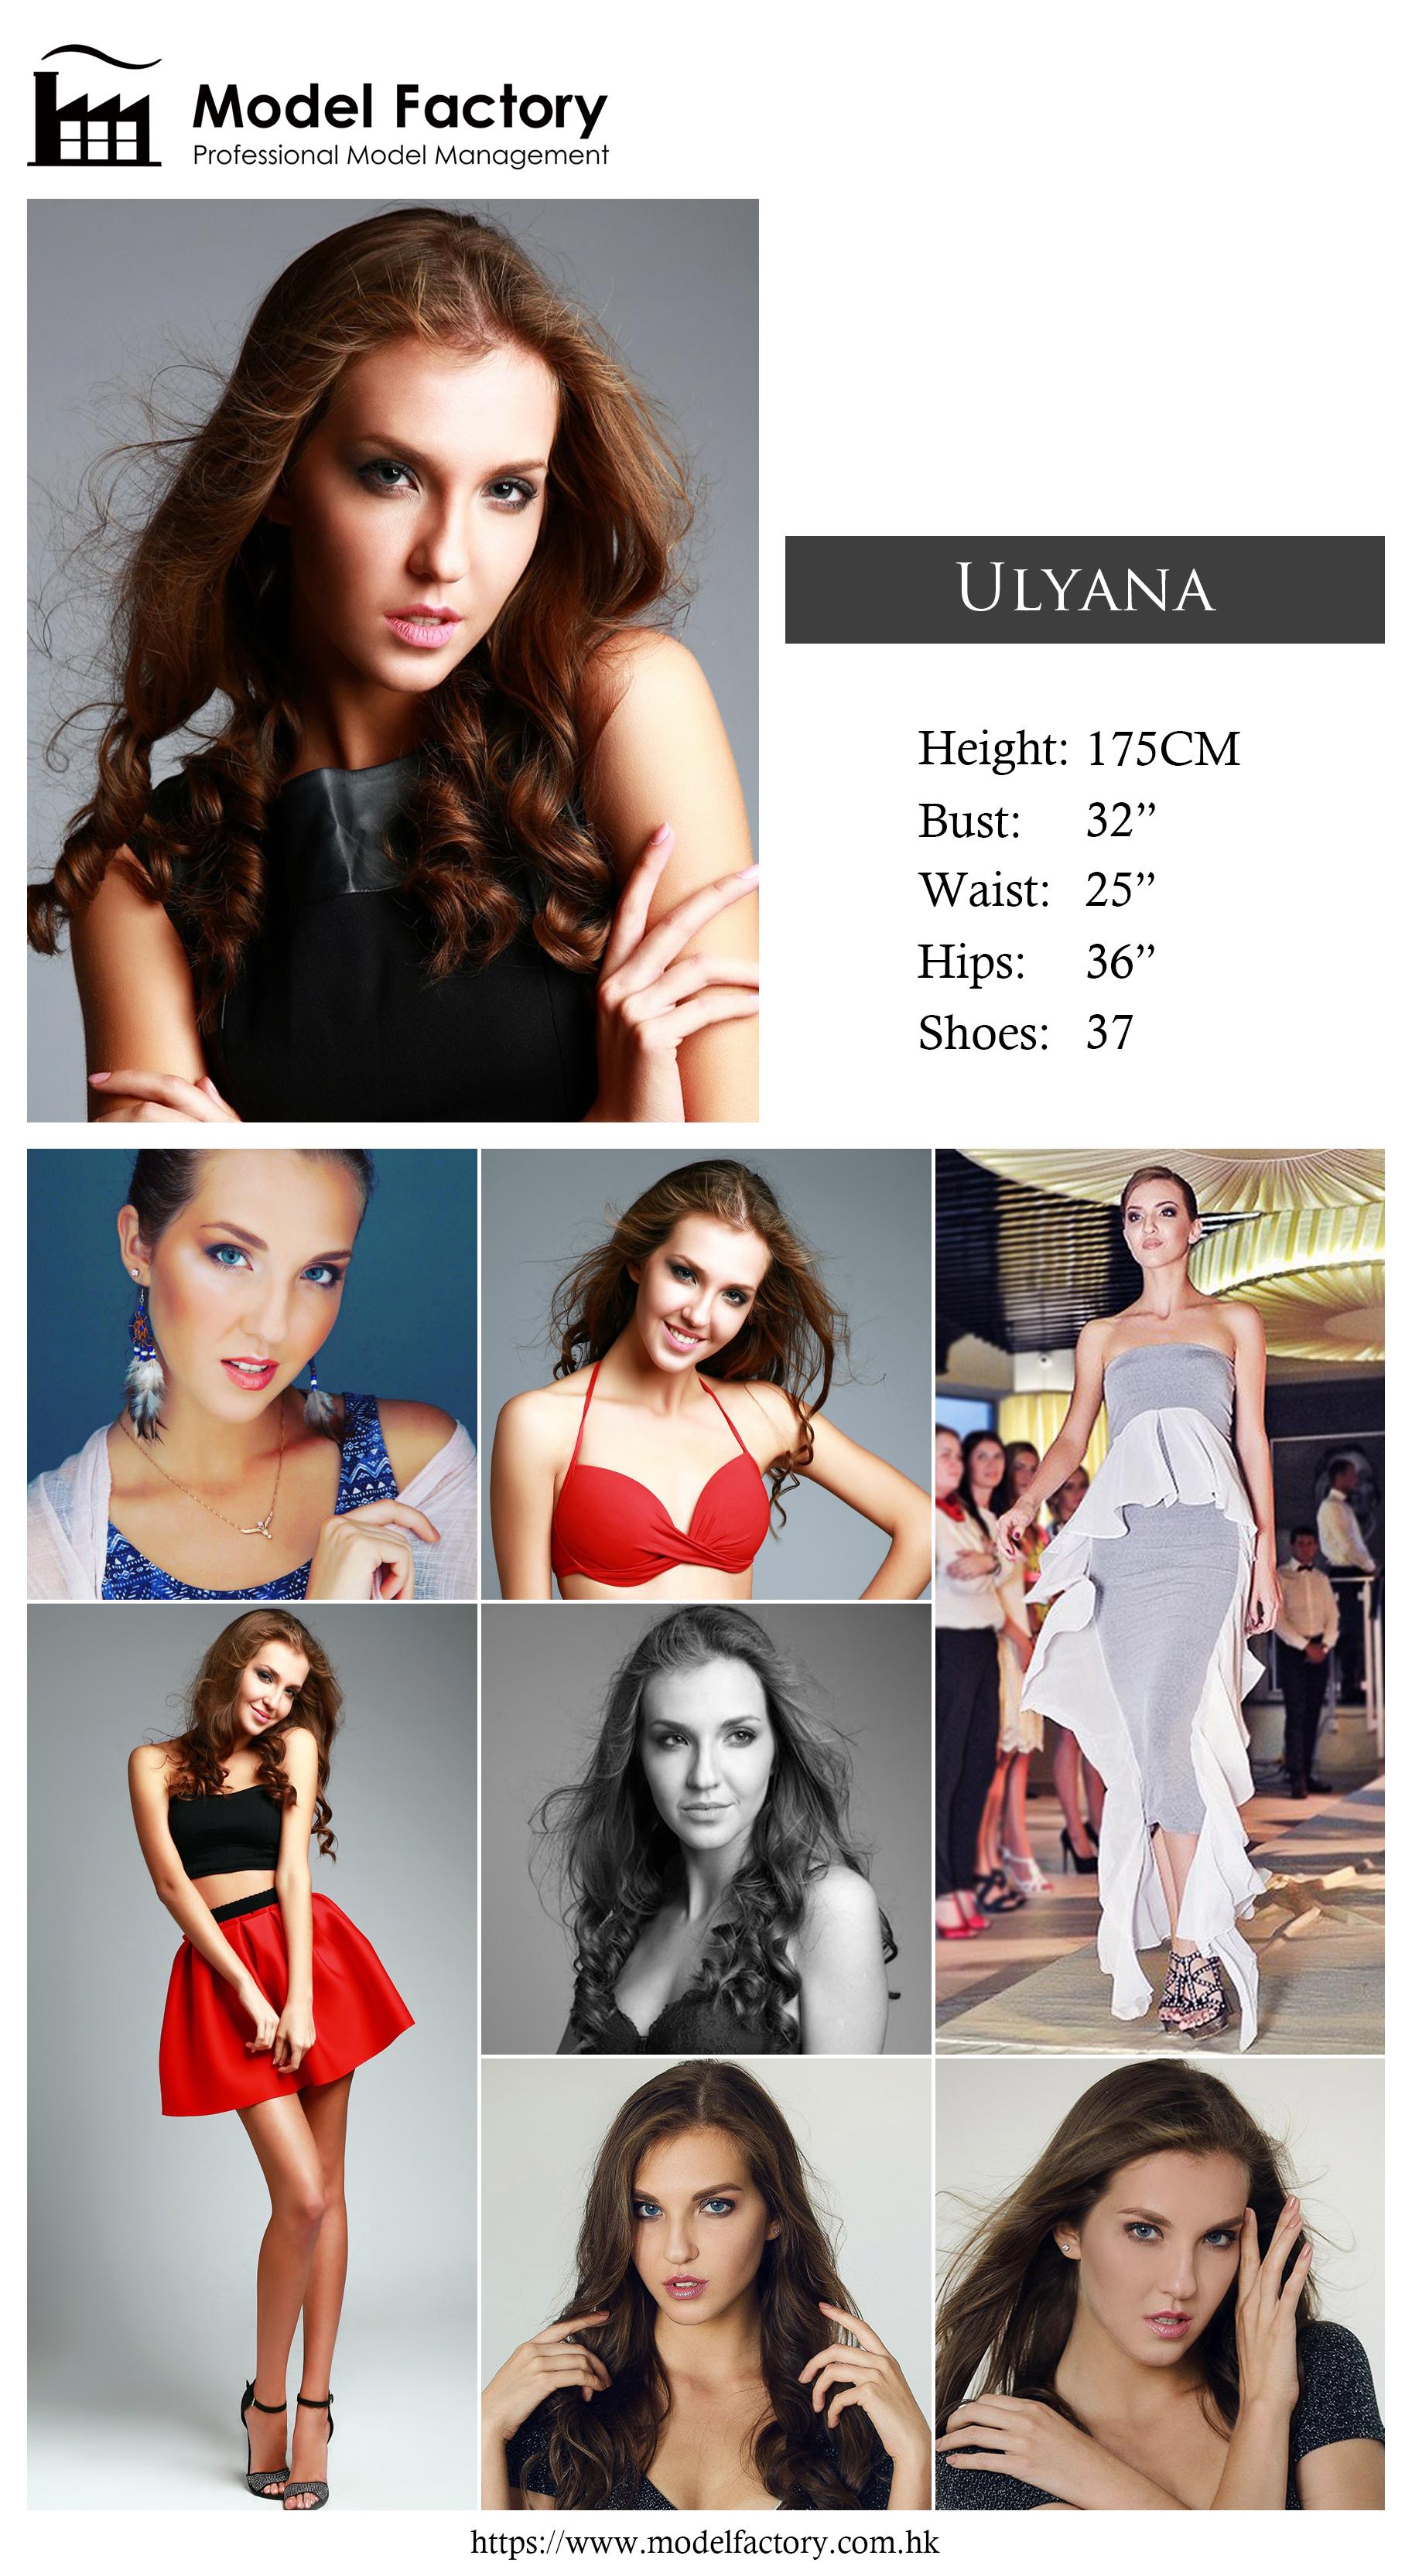 Model Factory Caucasian Female Model Ulyana